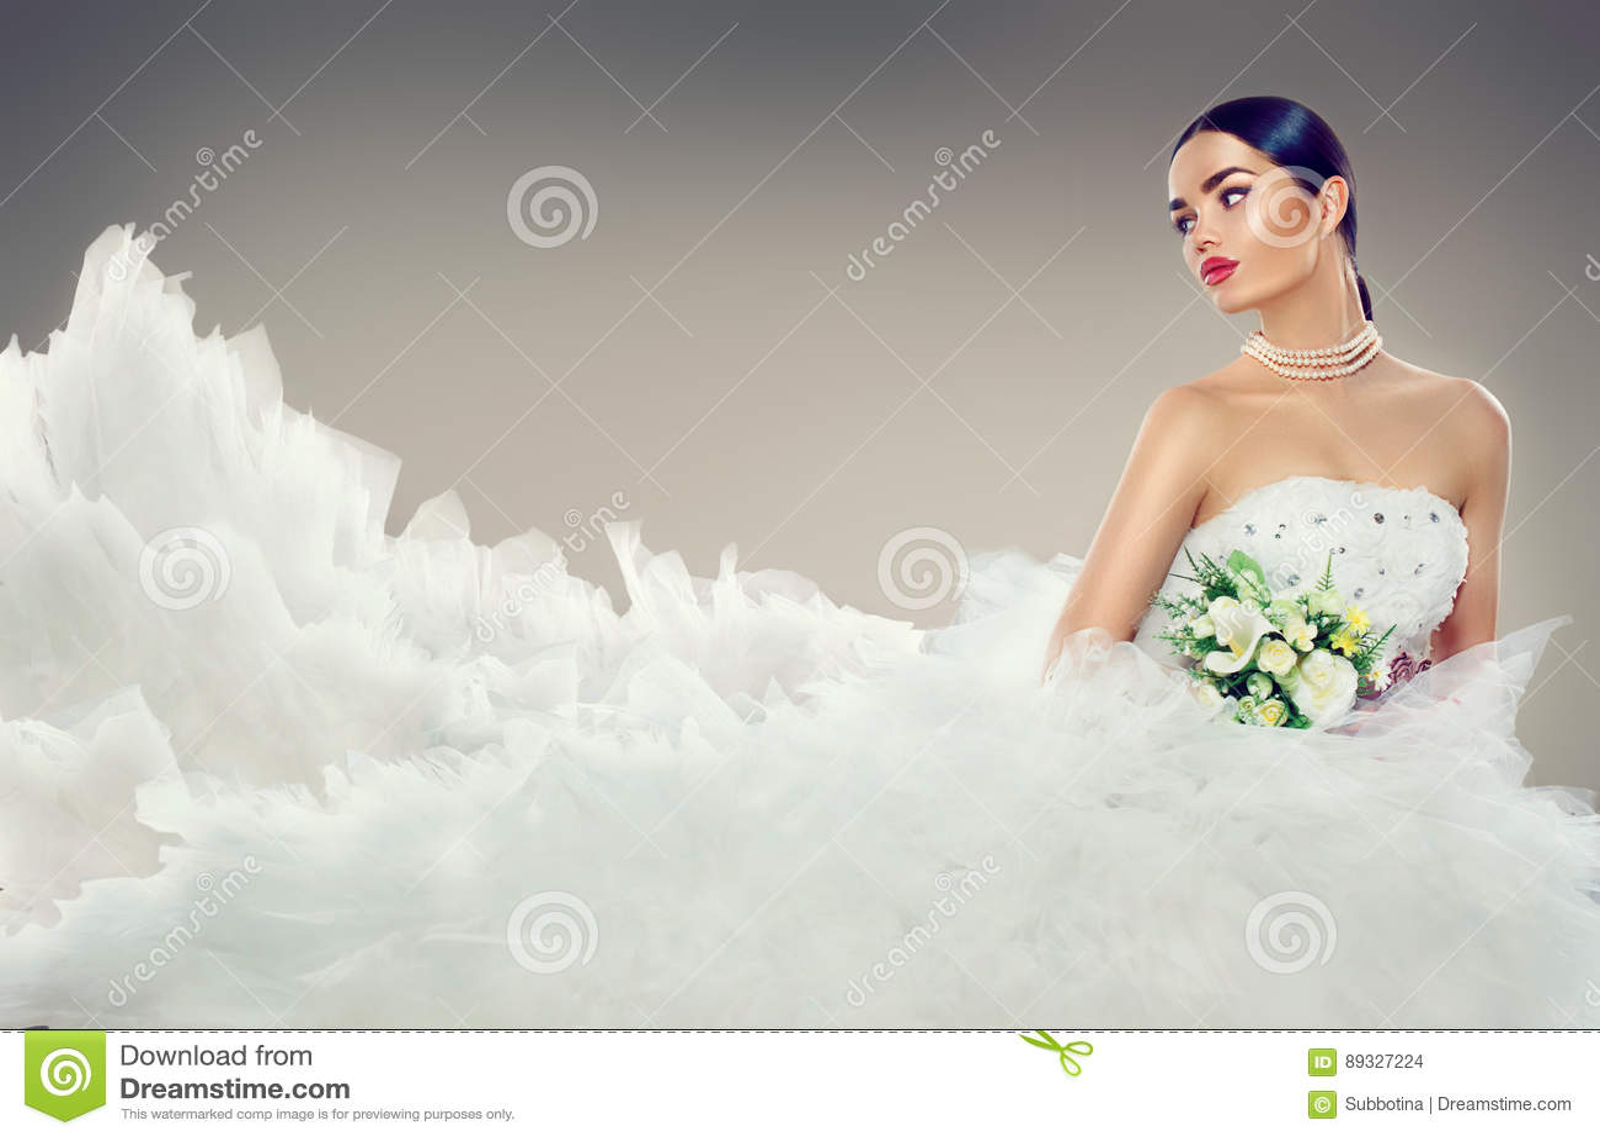 Beauty model bride in wedding dress with long train